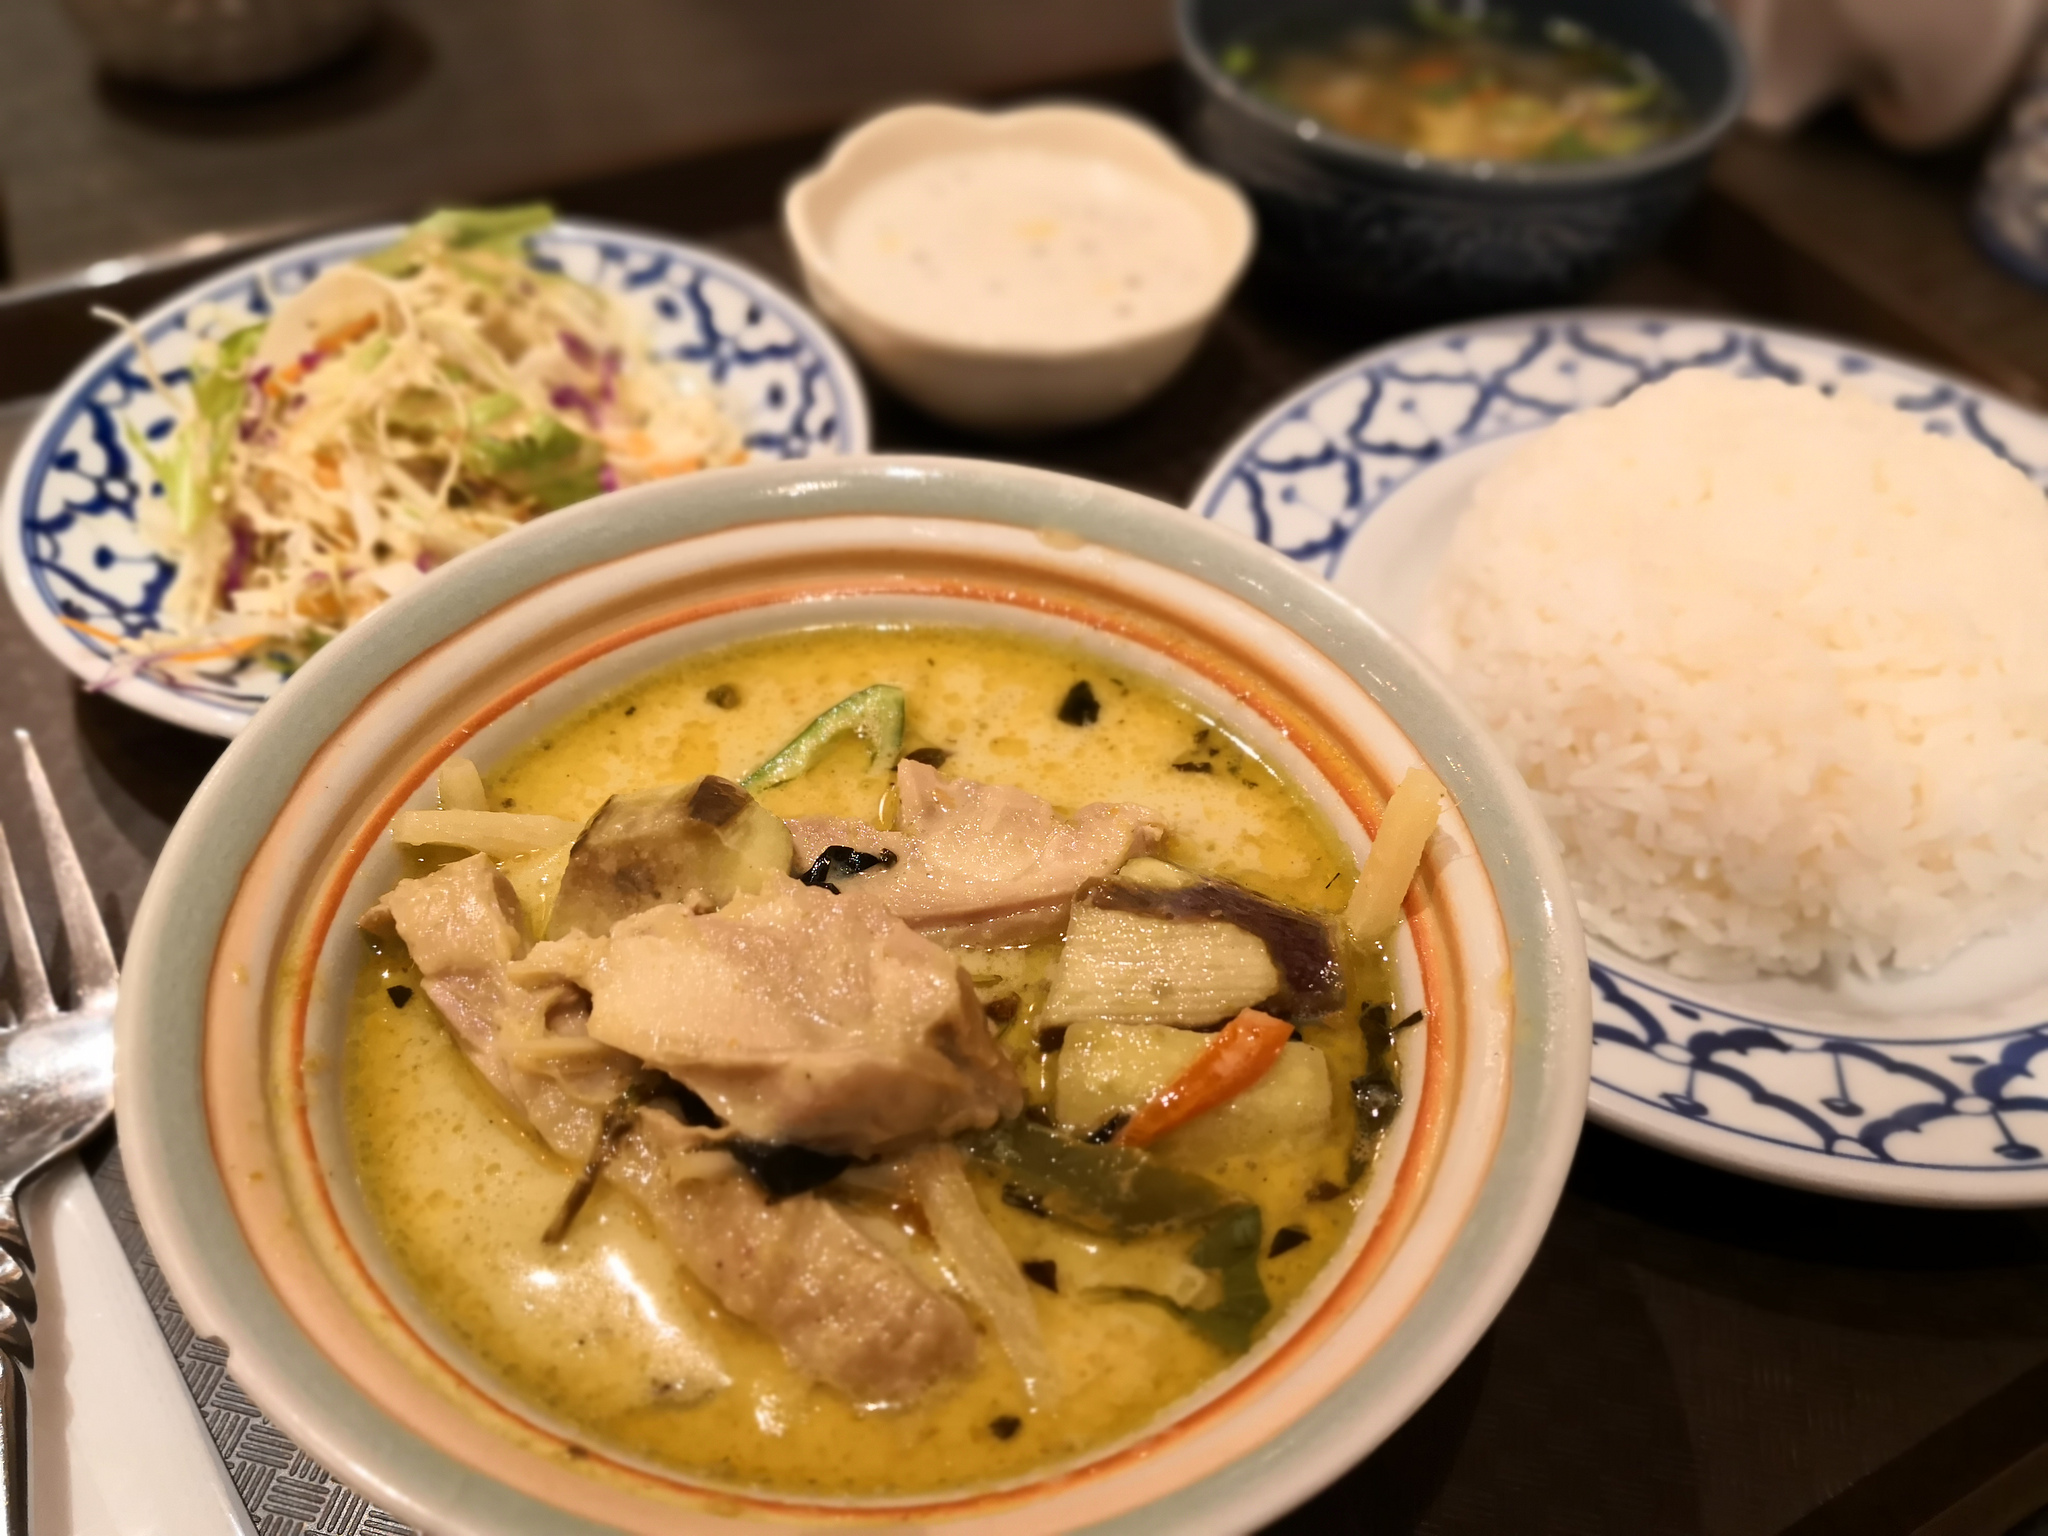 【五反田】ラーンナー@マイルドな味わいで食べやすい駅近のタイ料理屋さん。